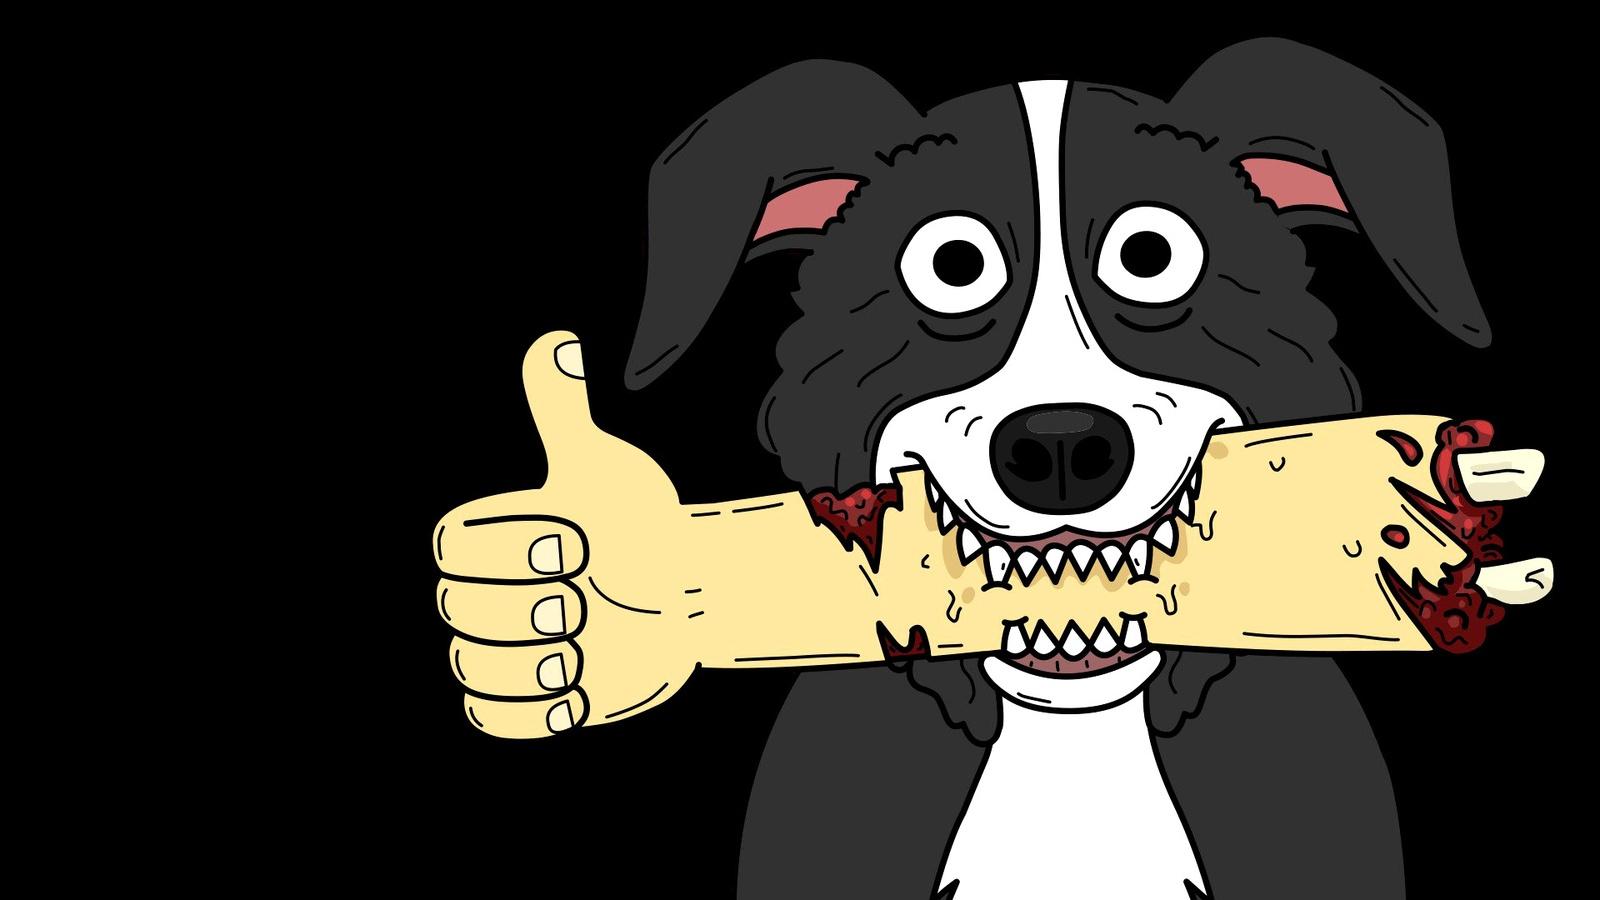 Мистер пиклз 1, 2 сезон смотреть онлайн бесплатно, мультик в.